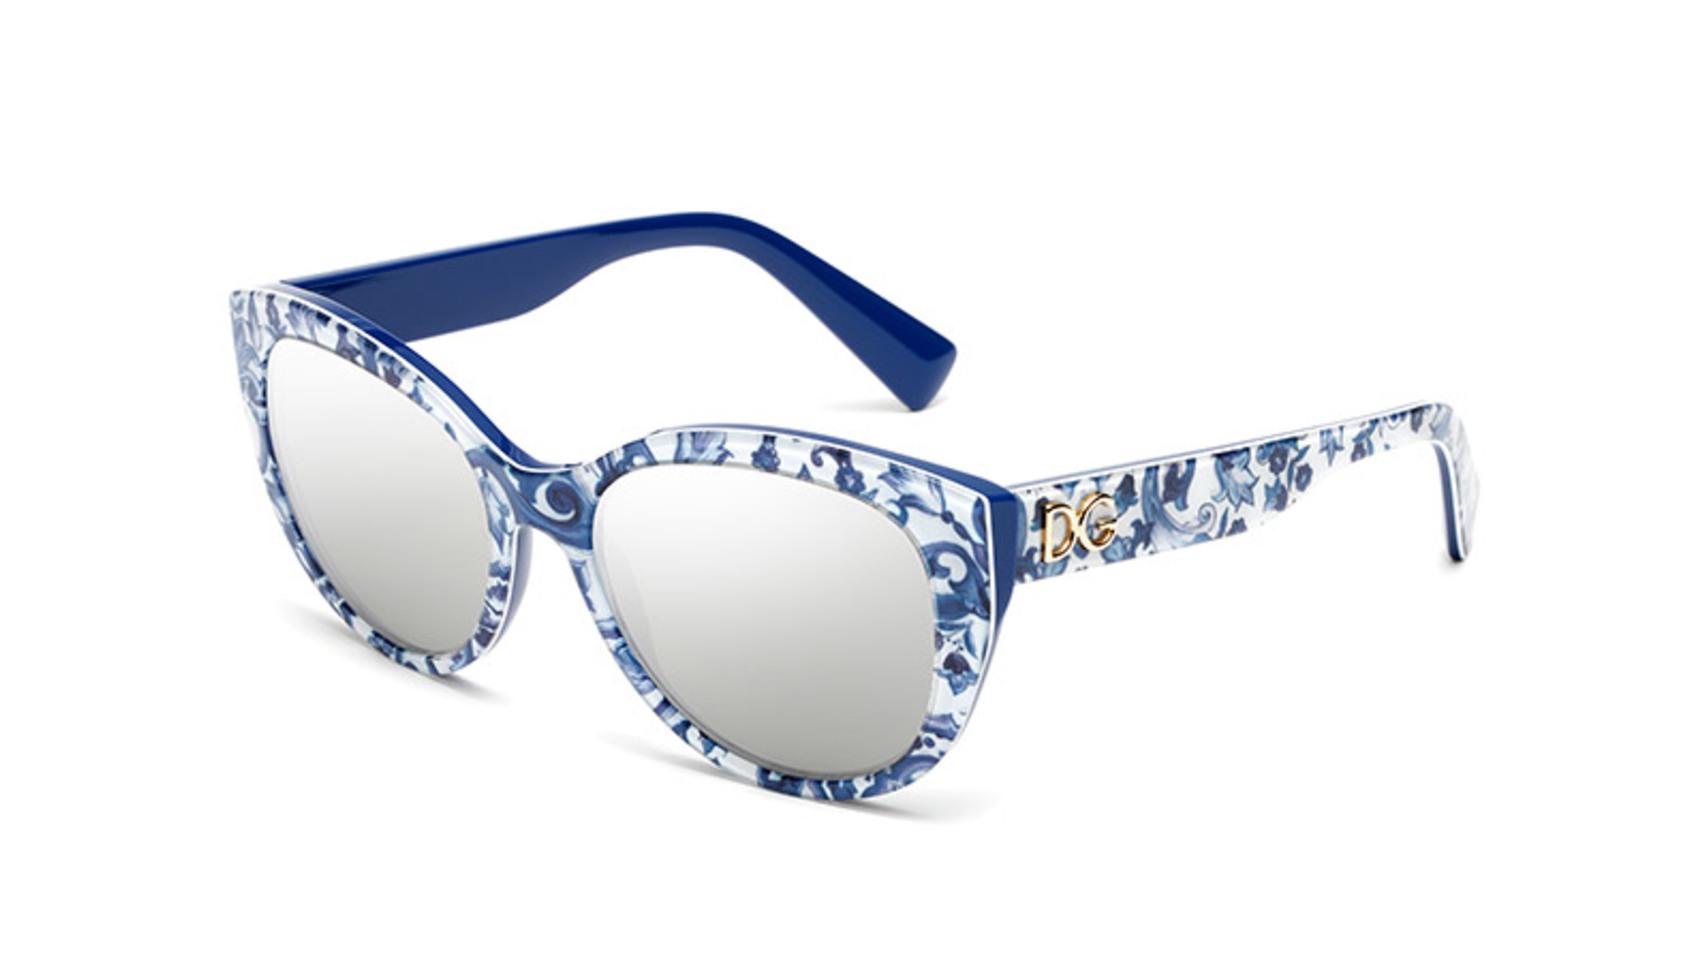 Gafas de sol de la colección Maiolica de Dolce Gabbana.